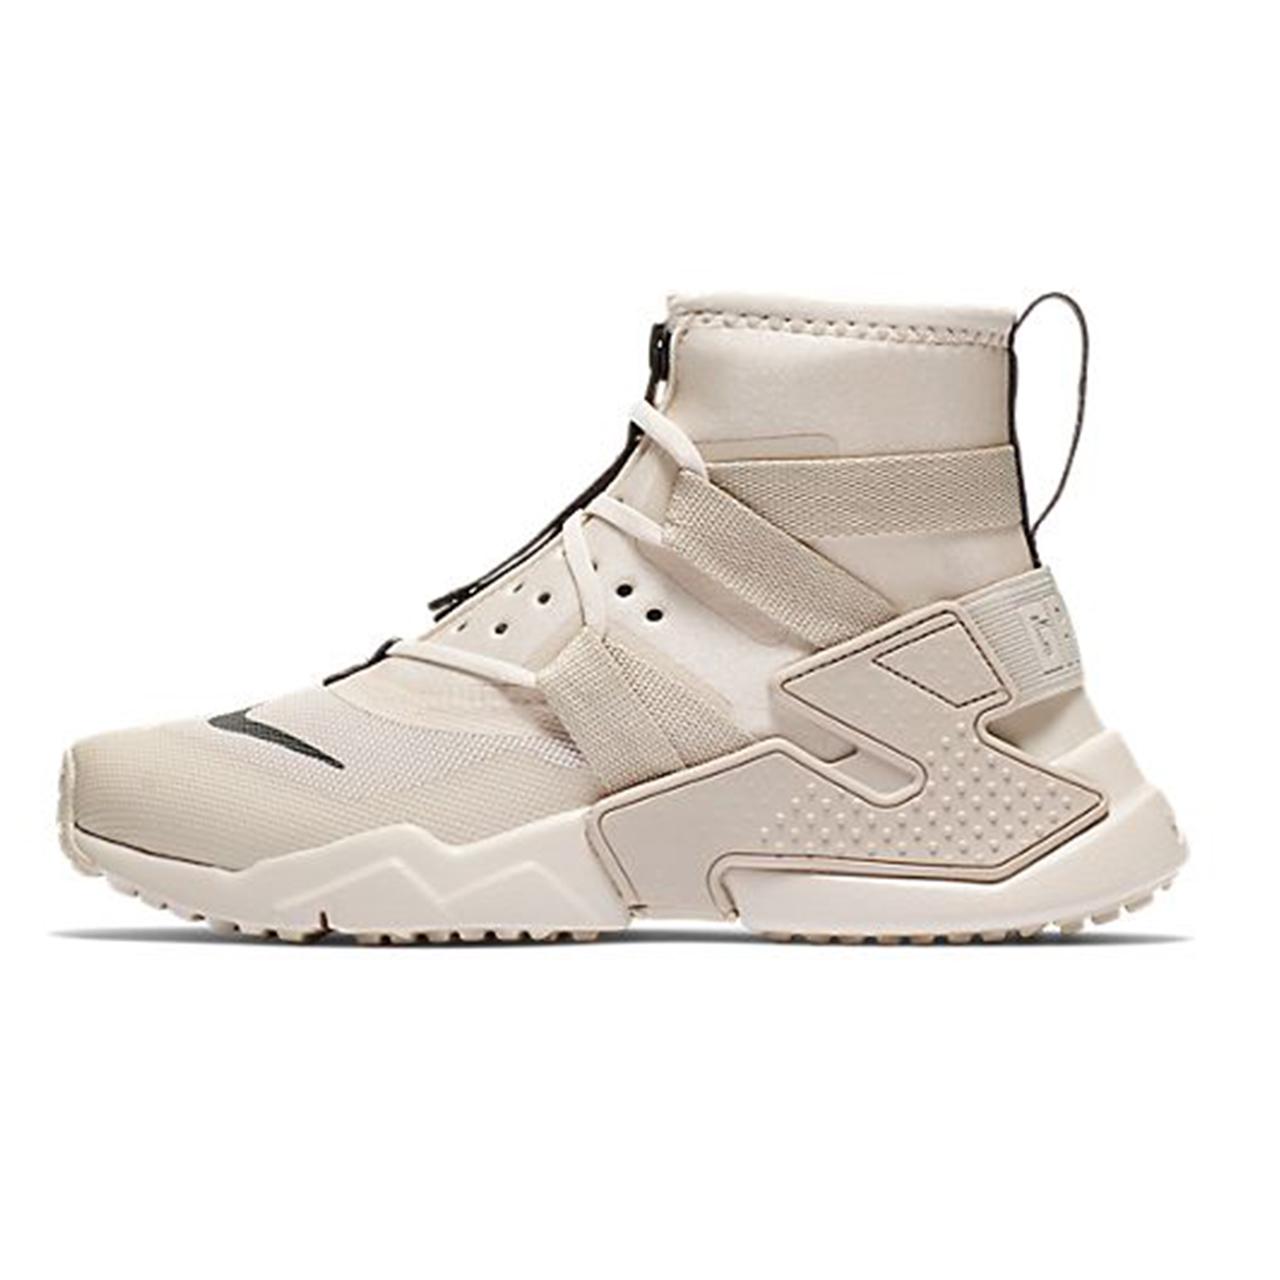 کفش پیاده روی مردانه نایکی مدل Huarache Gripp             , خرید اینترنتی